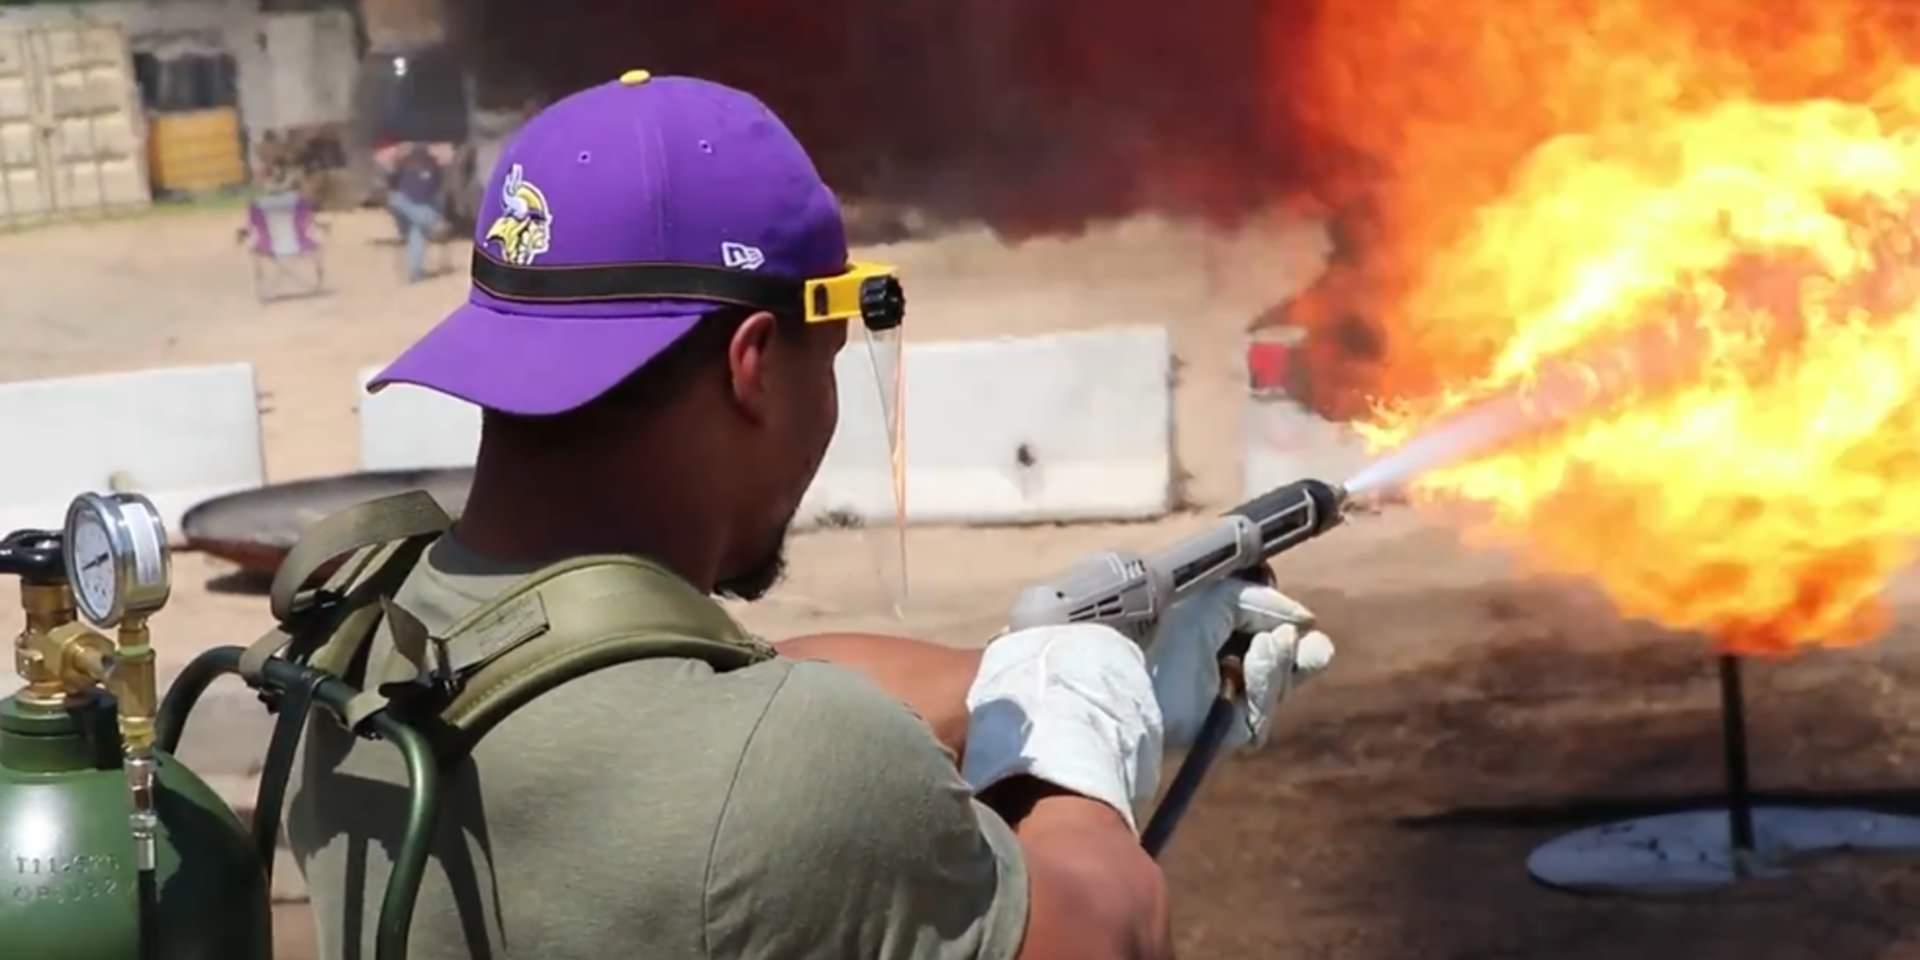 Boinas Verdes estão usando lança-chamas para ajudar a NFL a construir equipes fortes nesta temporada de futebol